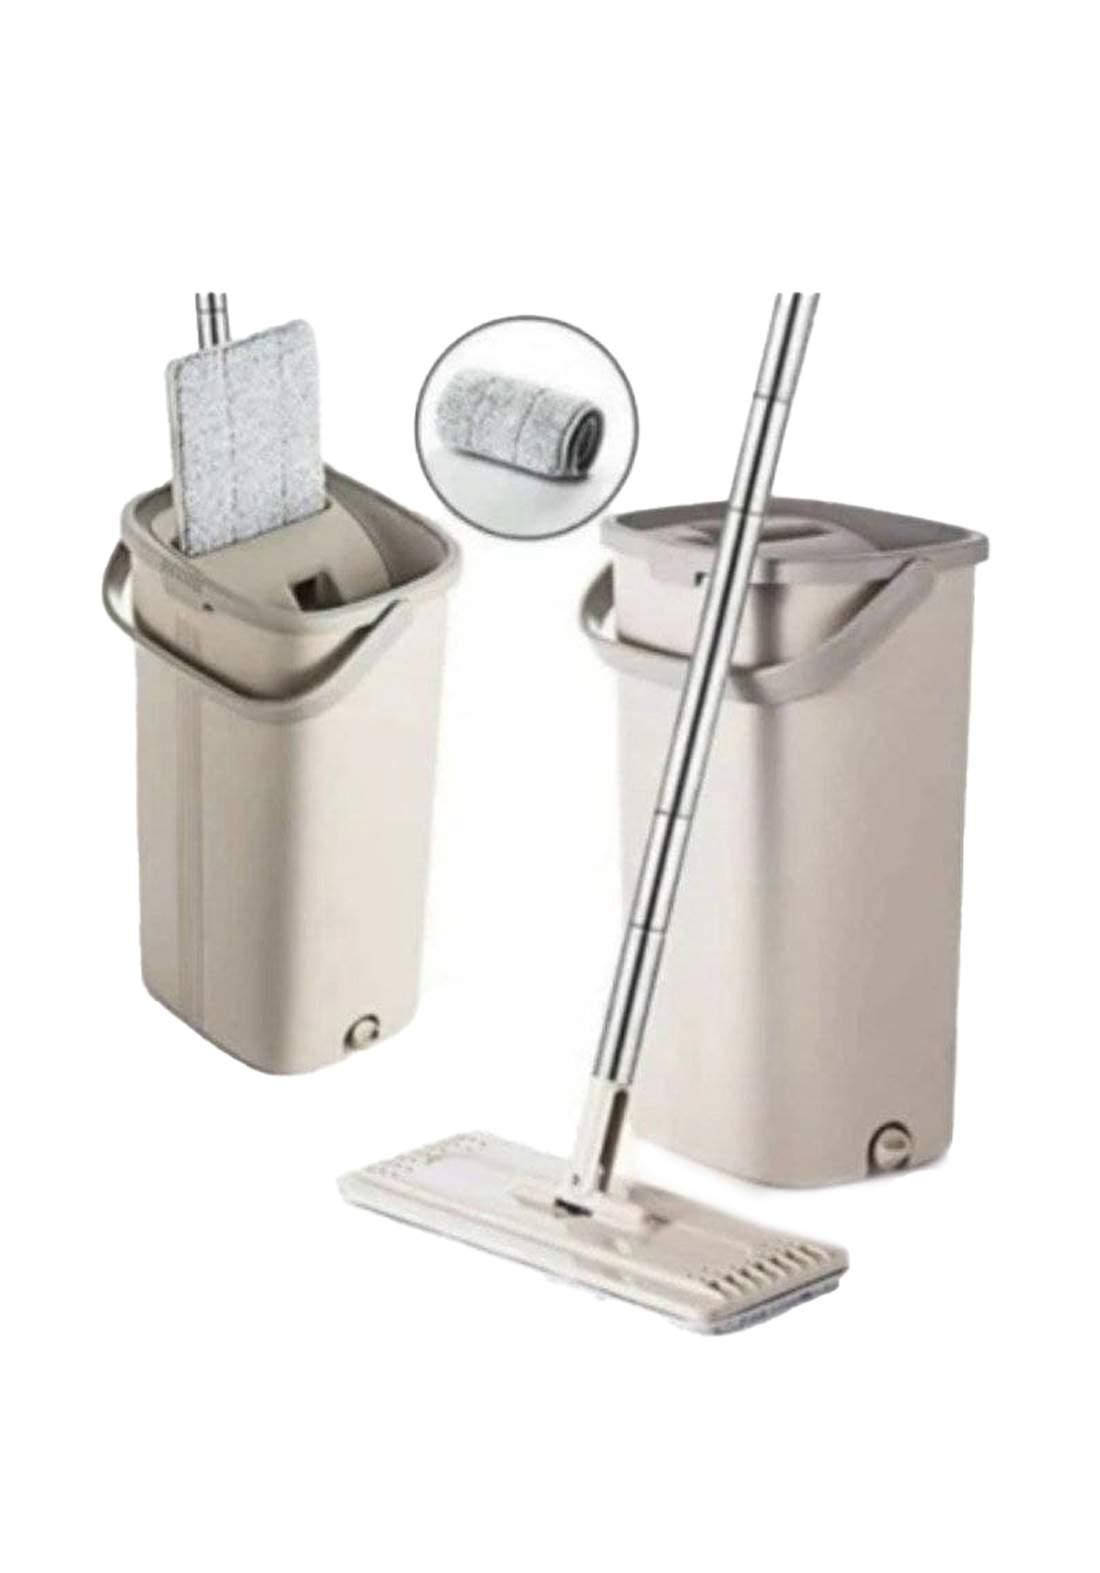 طقم ممسحة ودلو للتنظيف متعدد الاستخدام حجم كبير